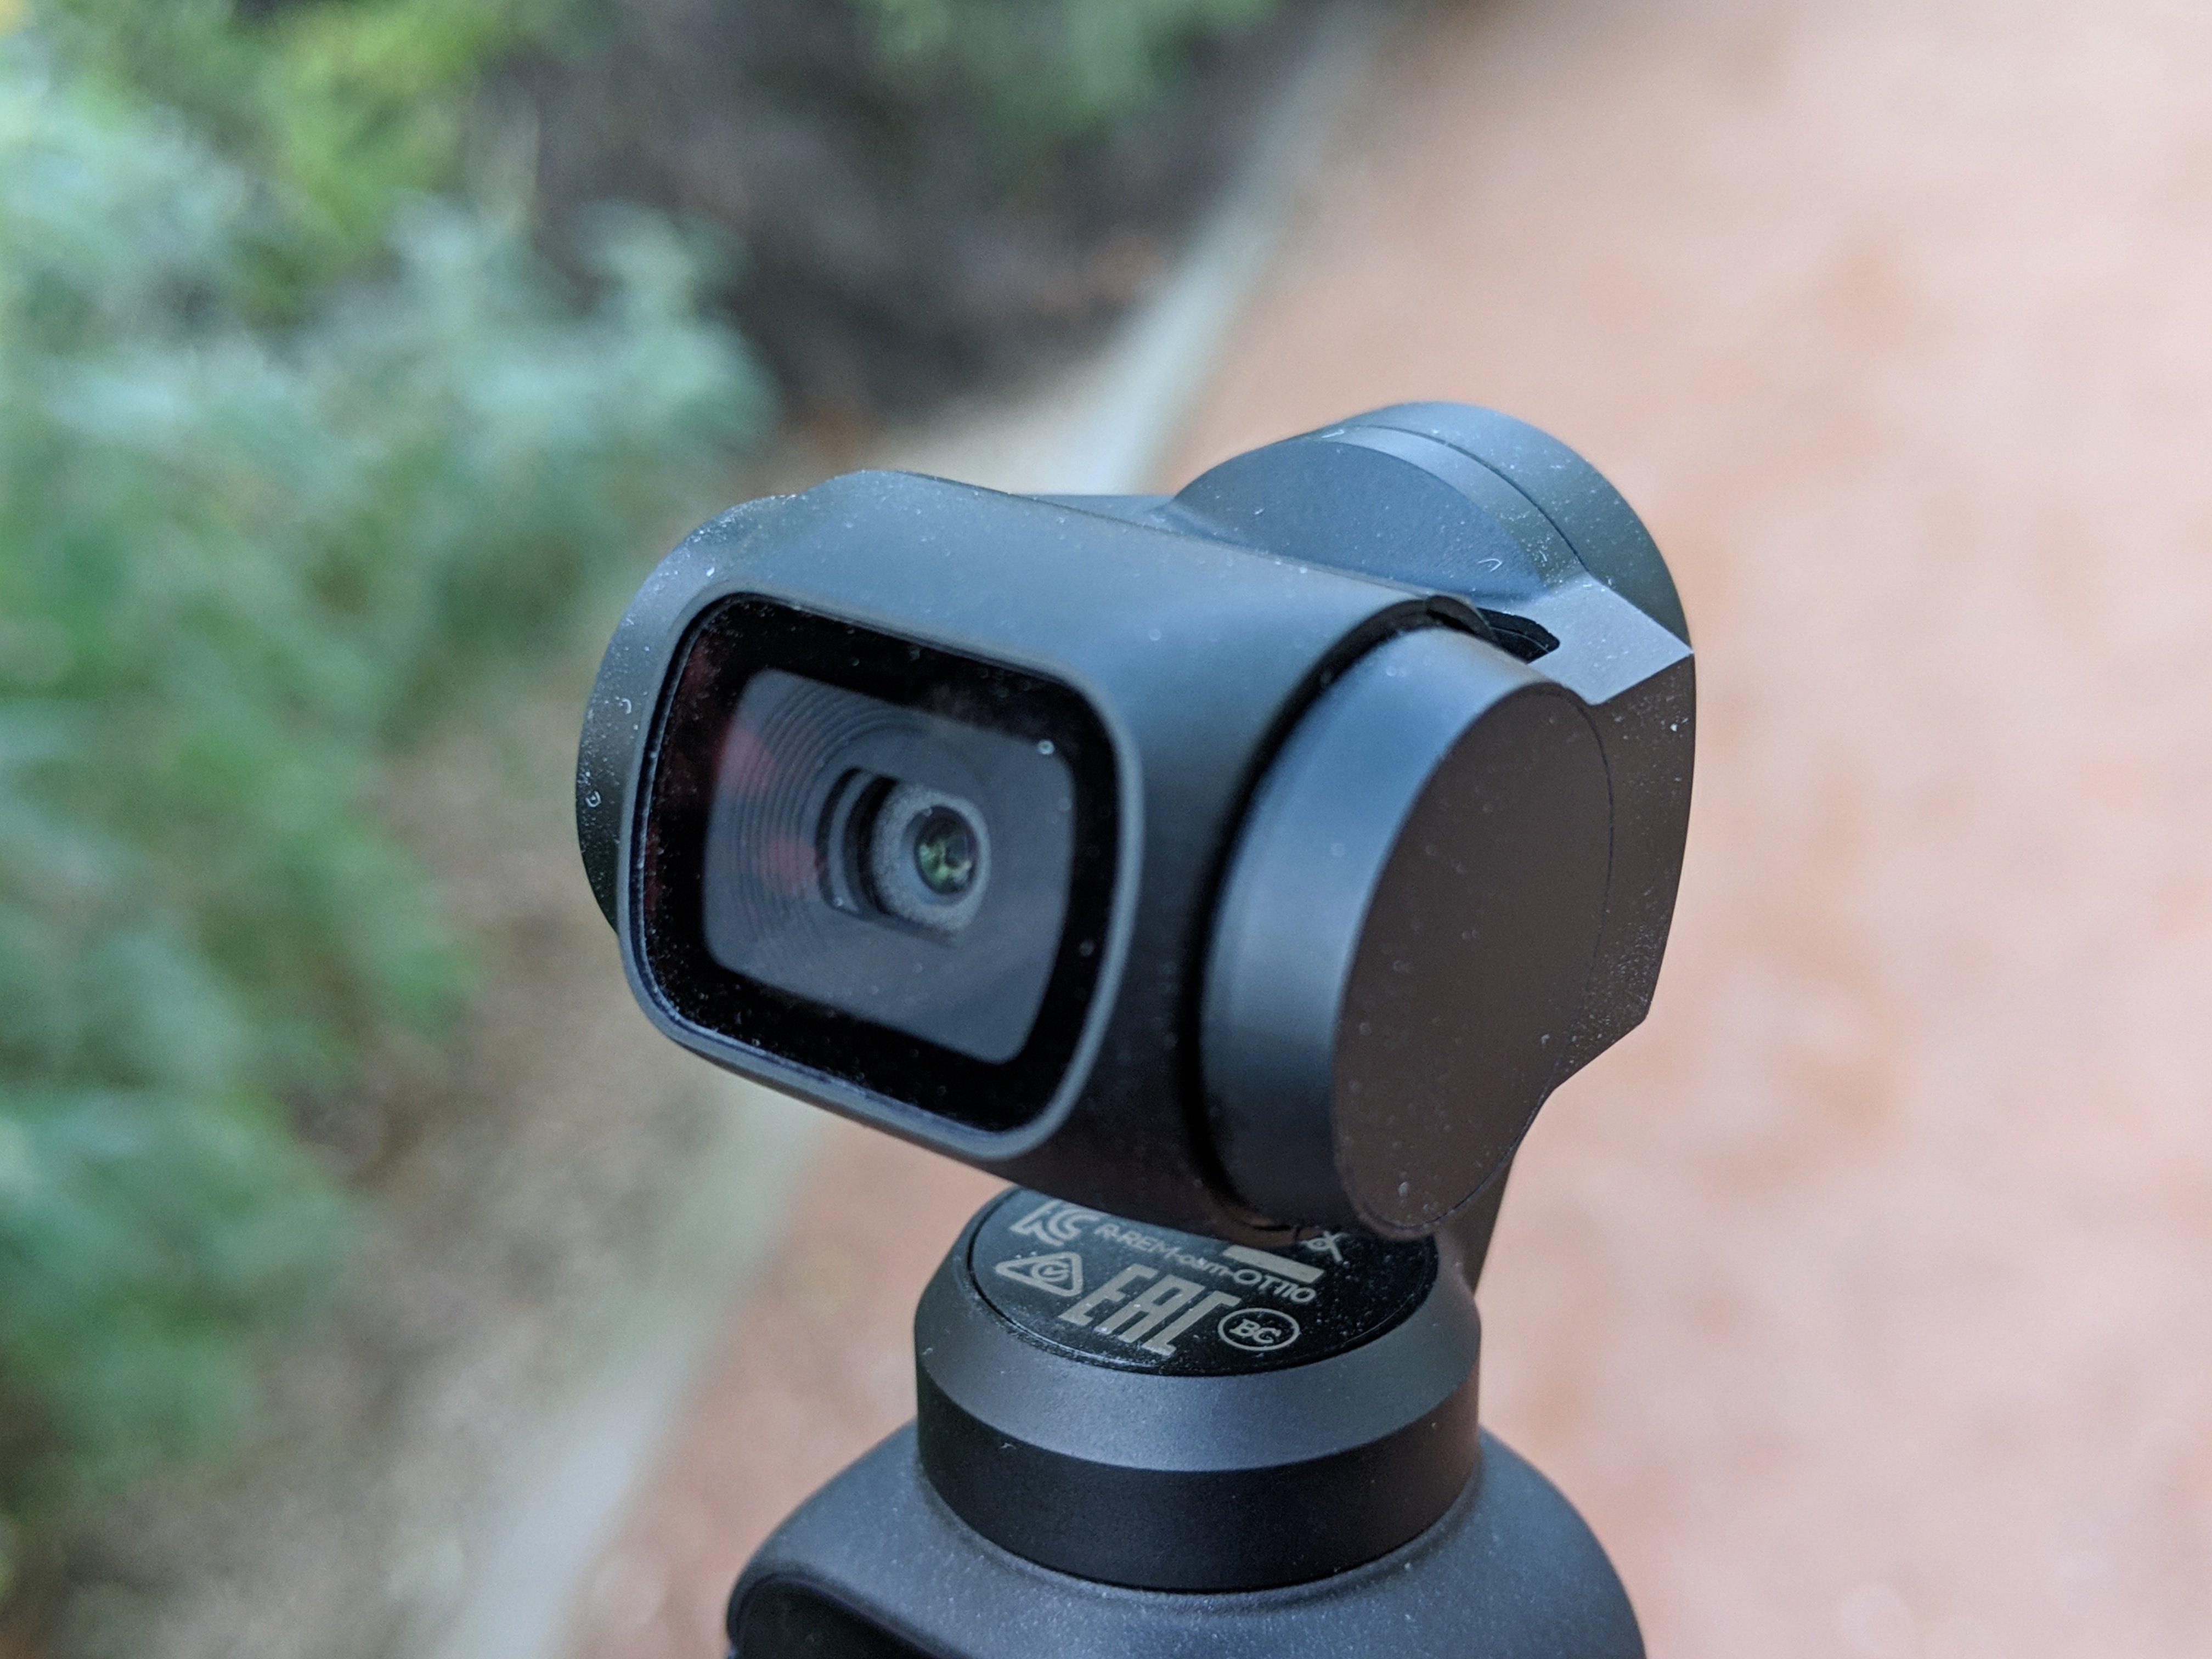 36639b566d3c3 Test du DJI Osmo Pocket   l ultime caméra stabilisée de poche ...